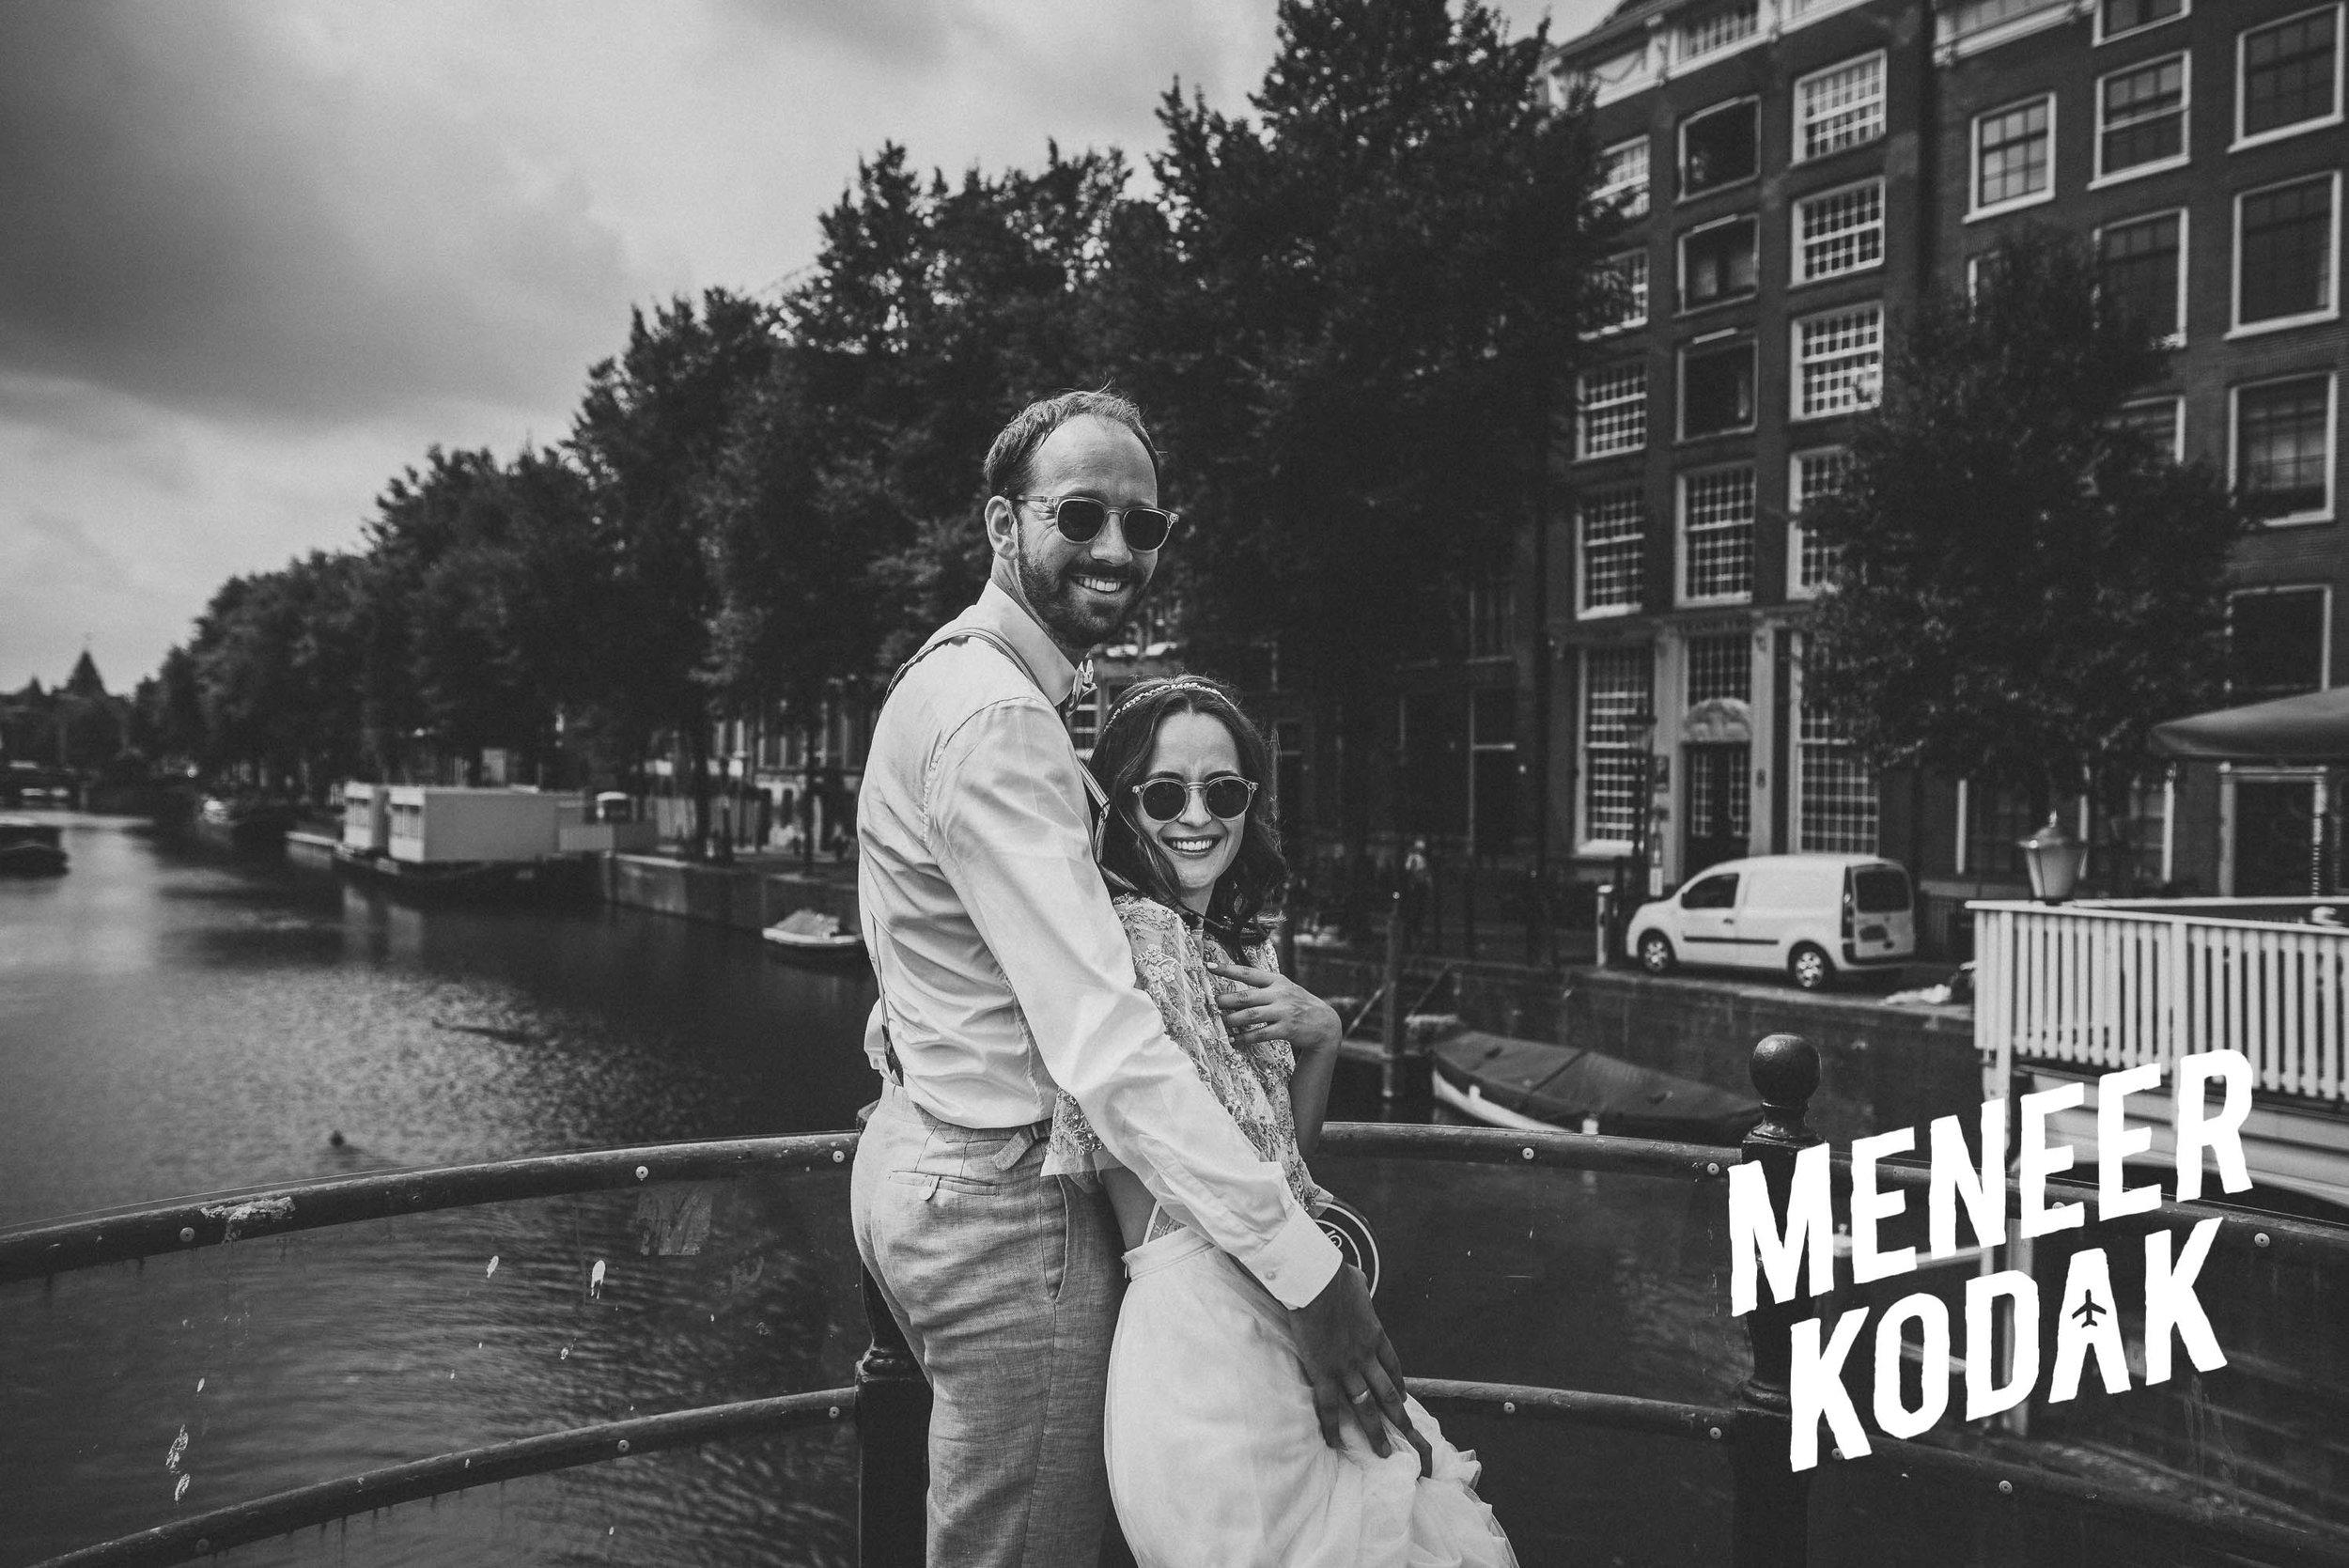 Meneer Kodak - Trouwfotograaf - Amsterdam - H&T-044.jpg